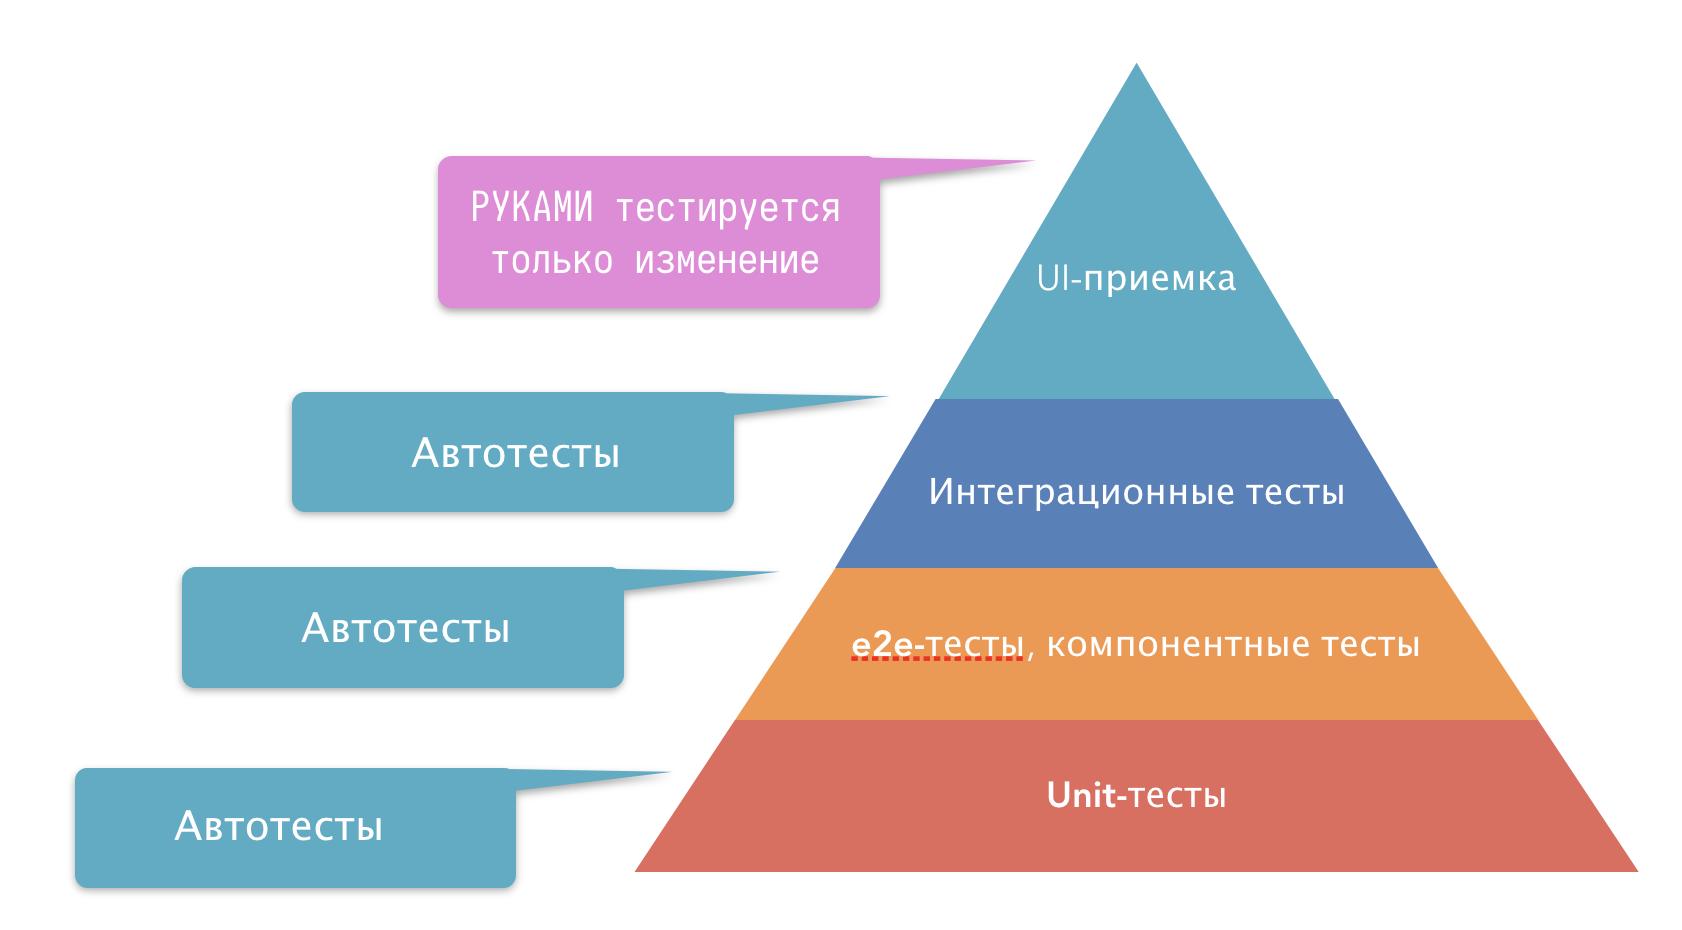 Пирамида тестирования